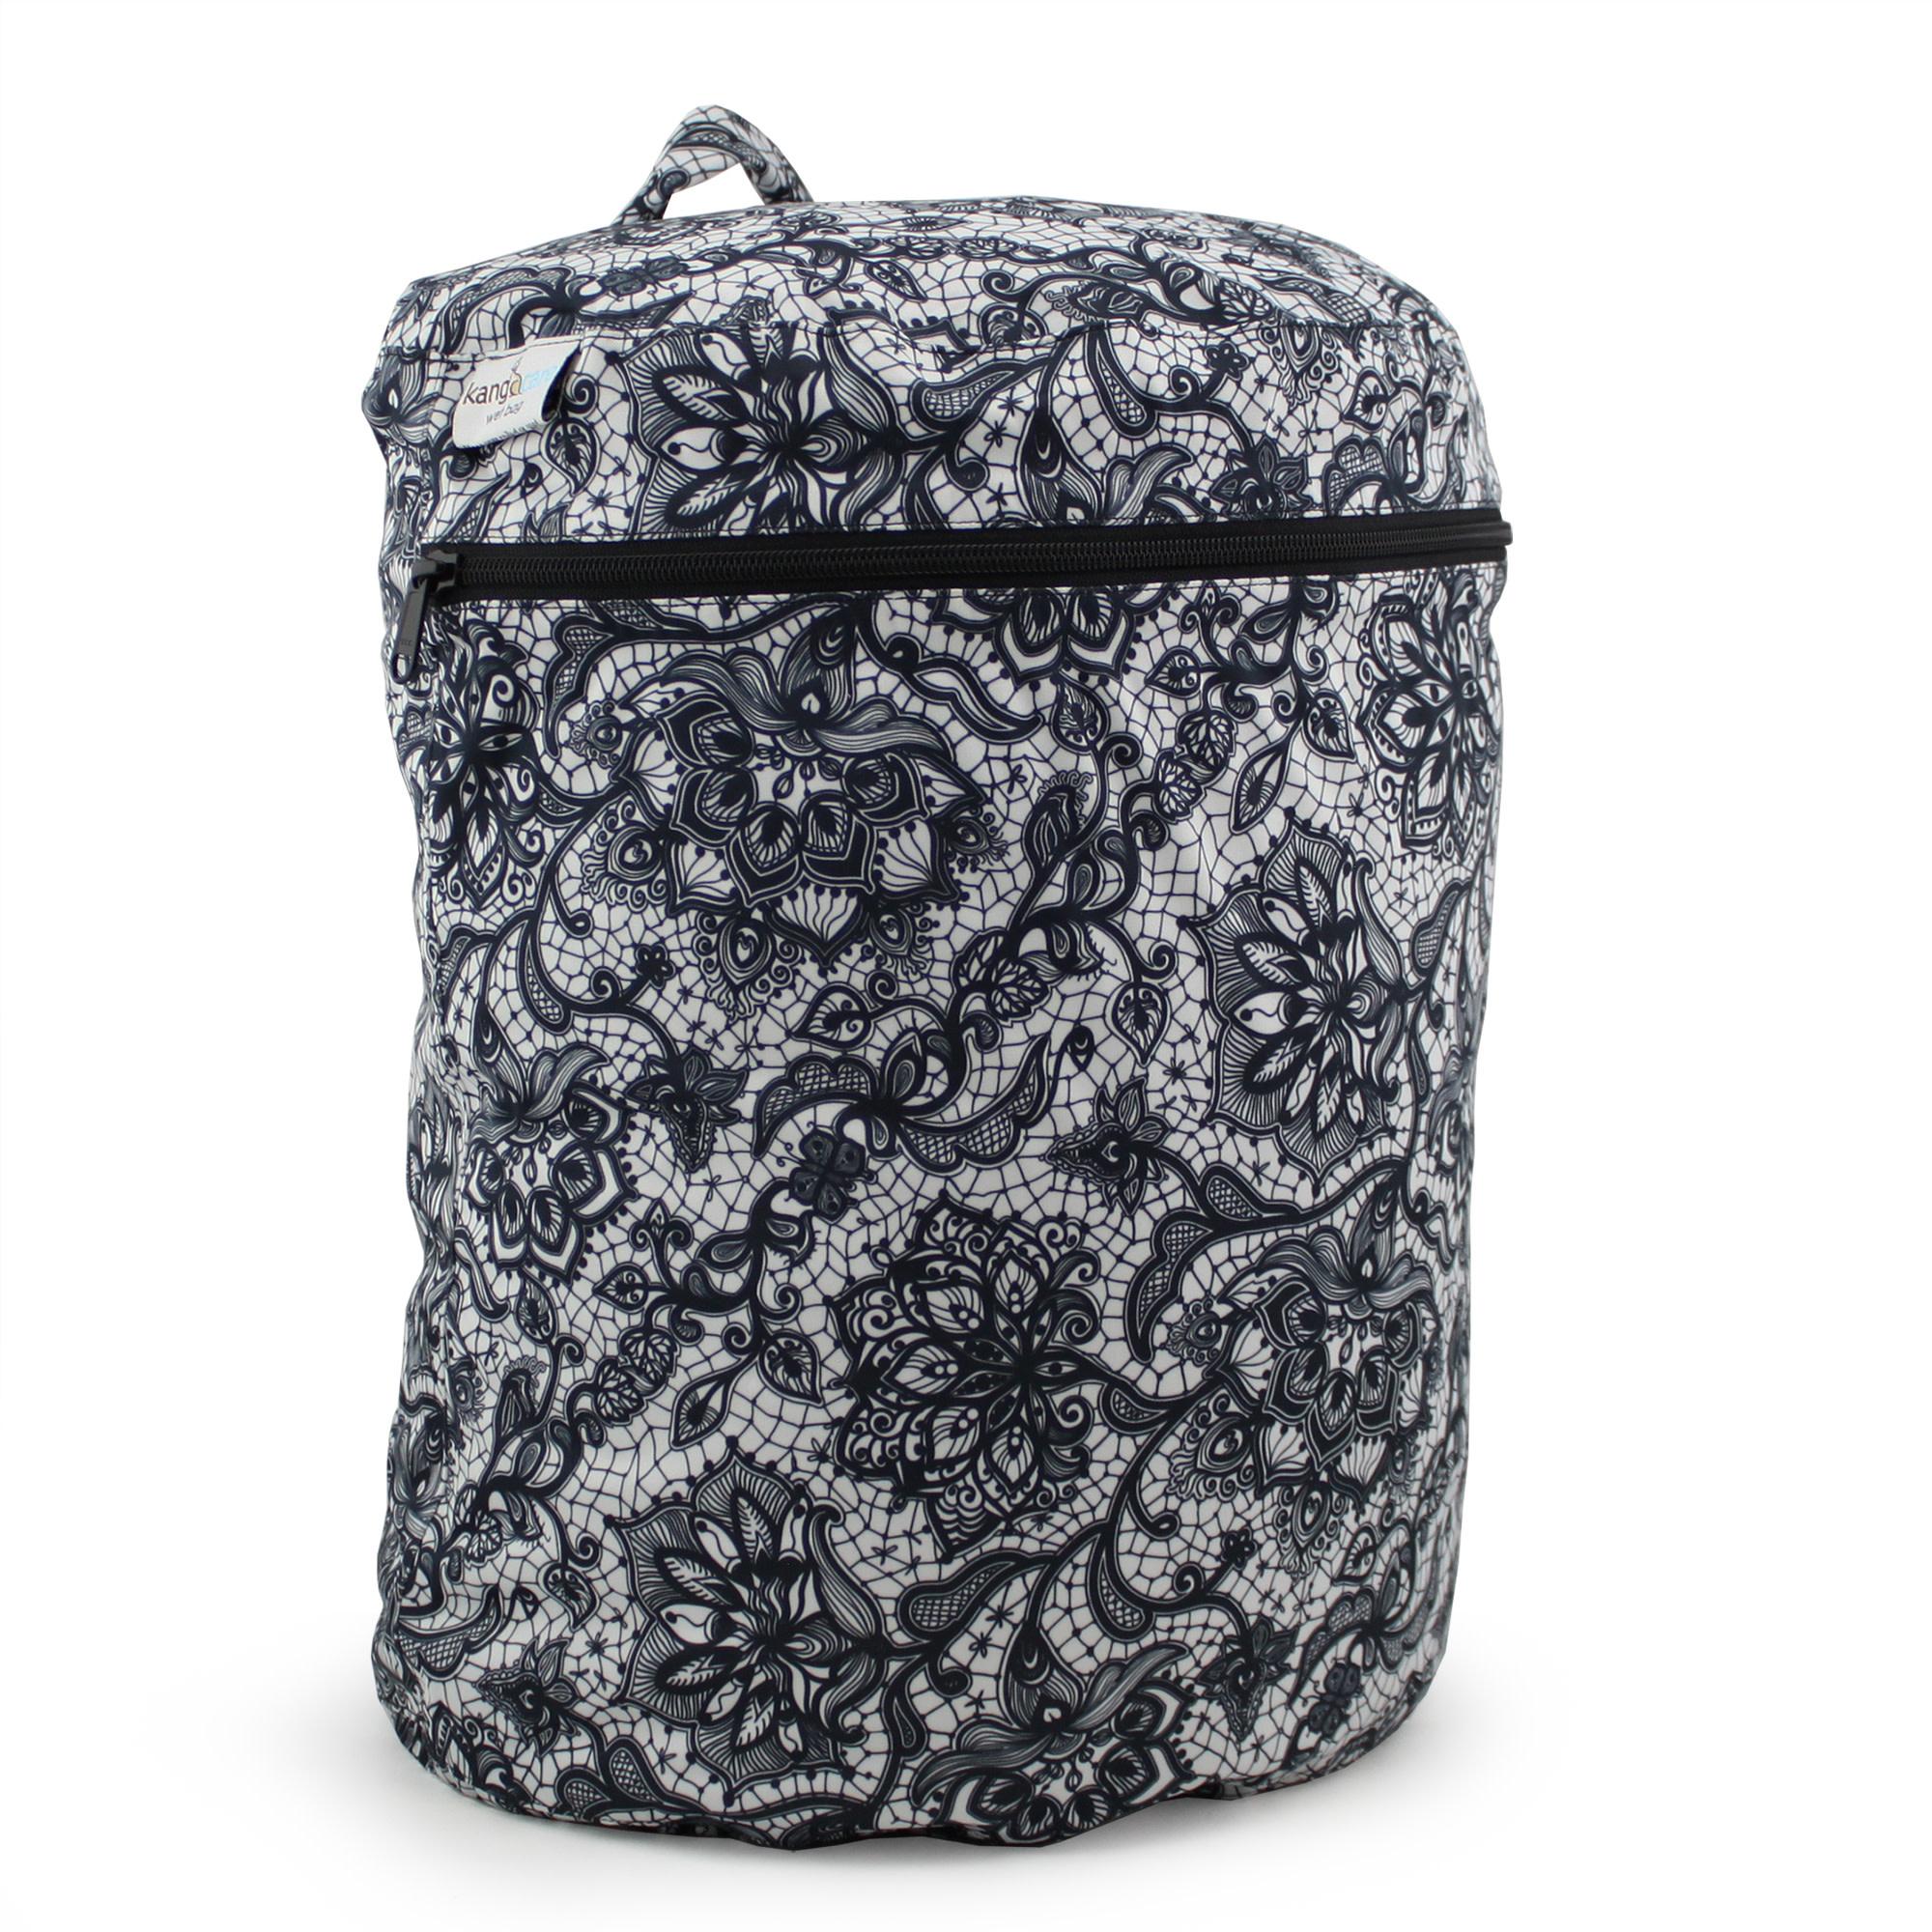 Wet Bag Kanga Care Posh